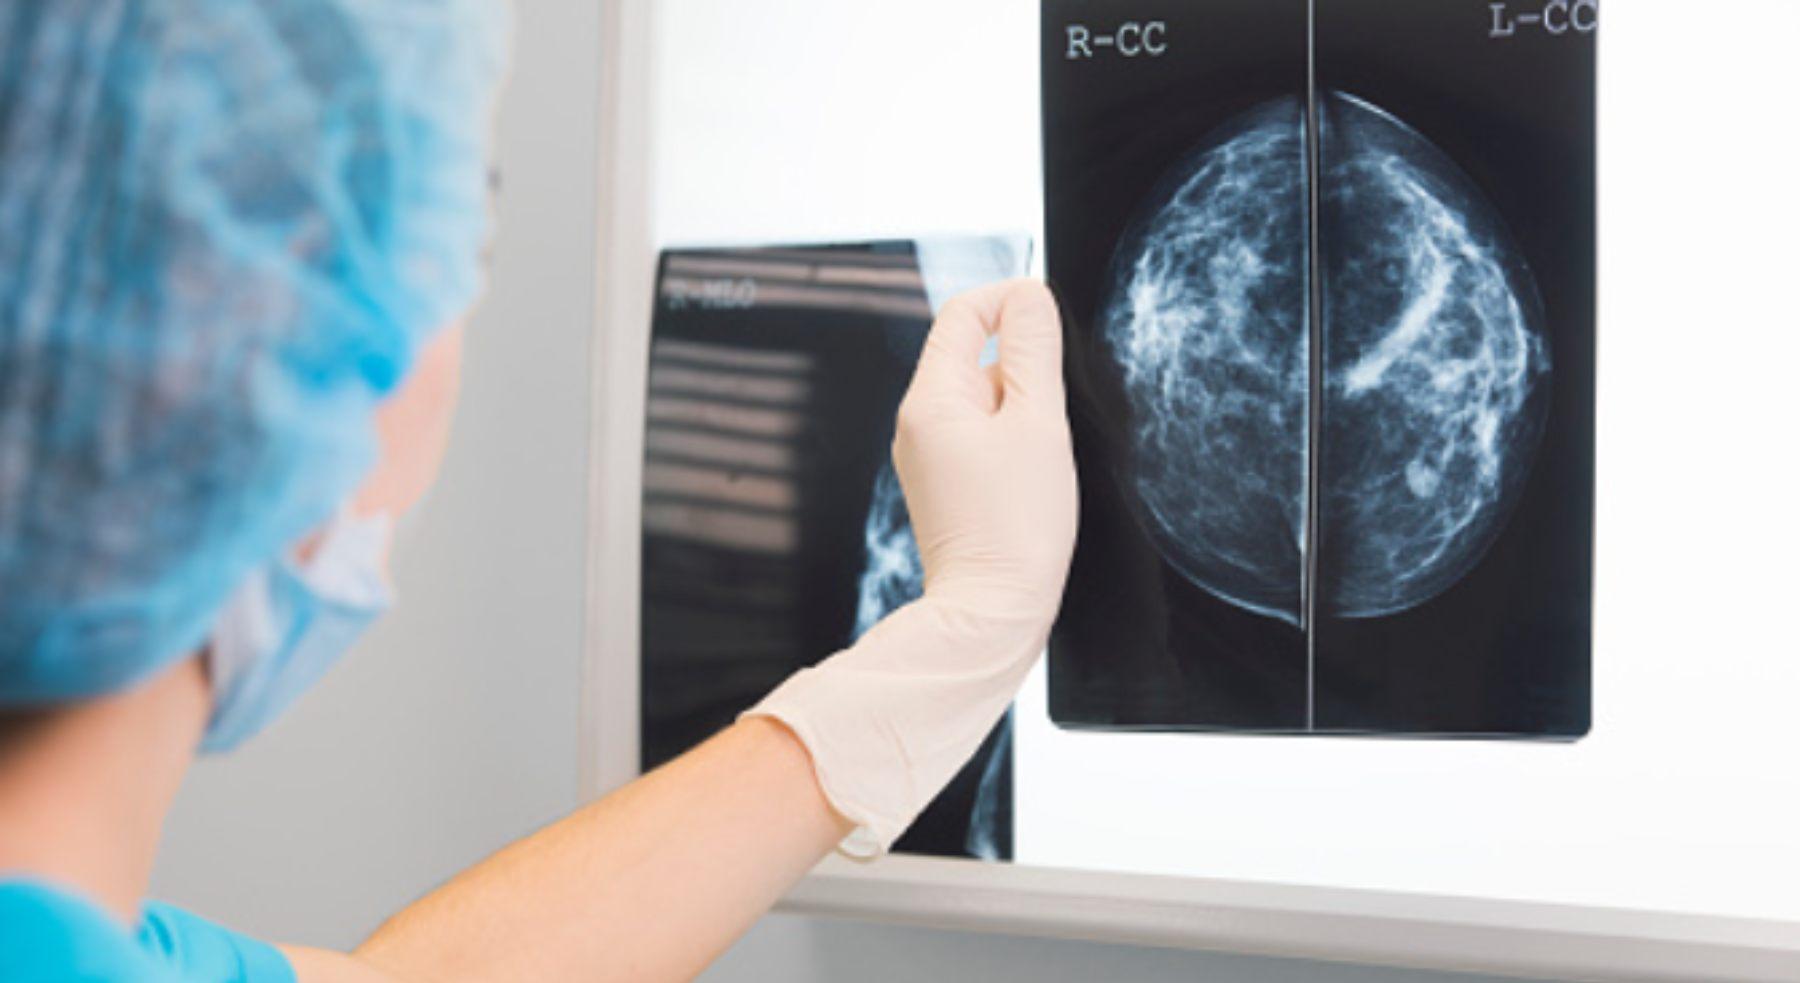 Día Mundial contra el Cáncer de Mama: 5 cosas que debes saber de la mamografía